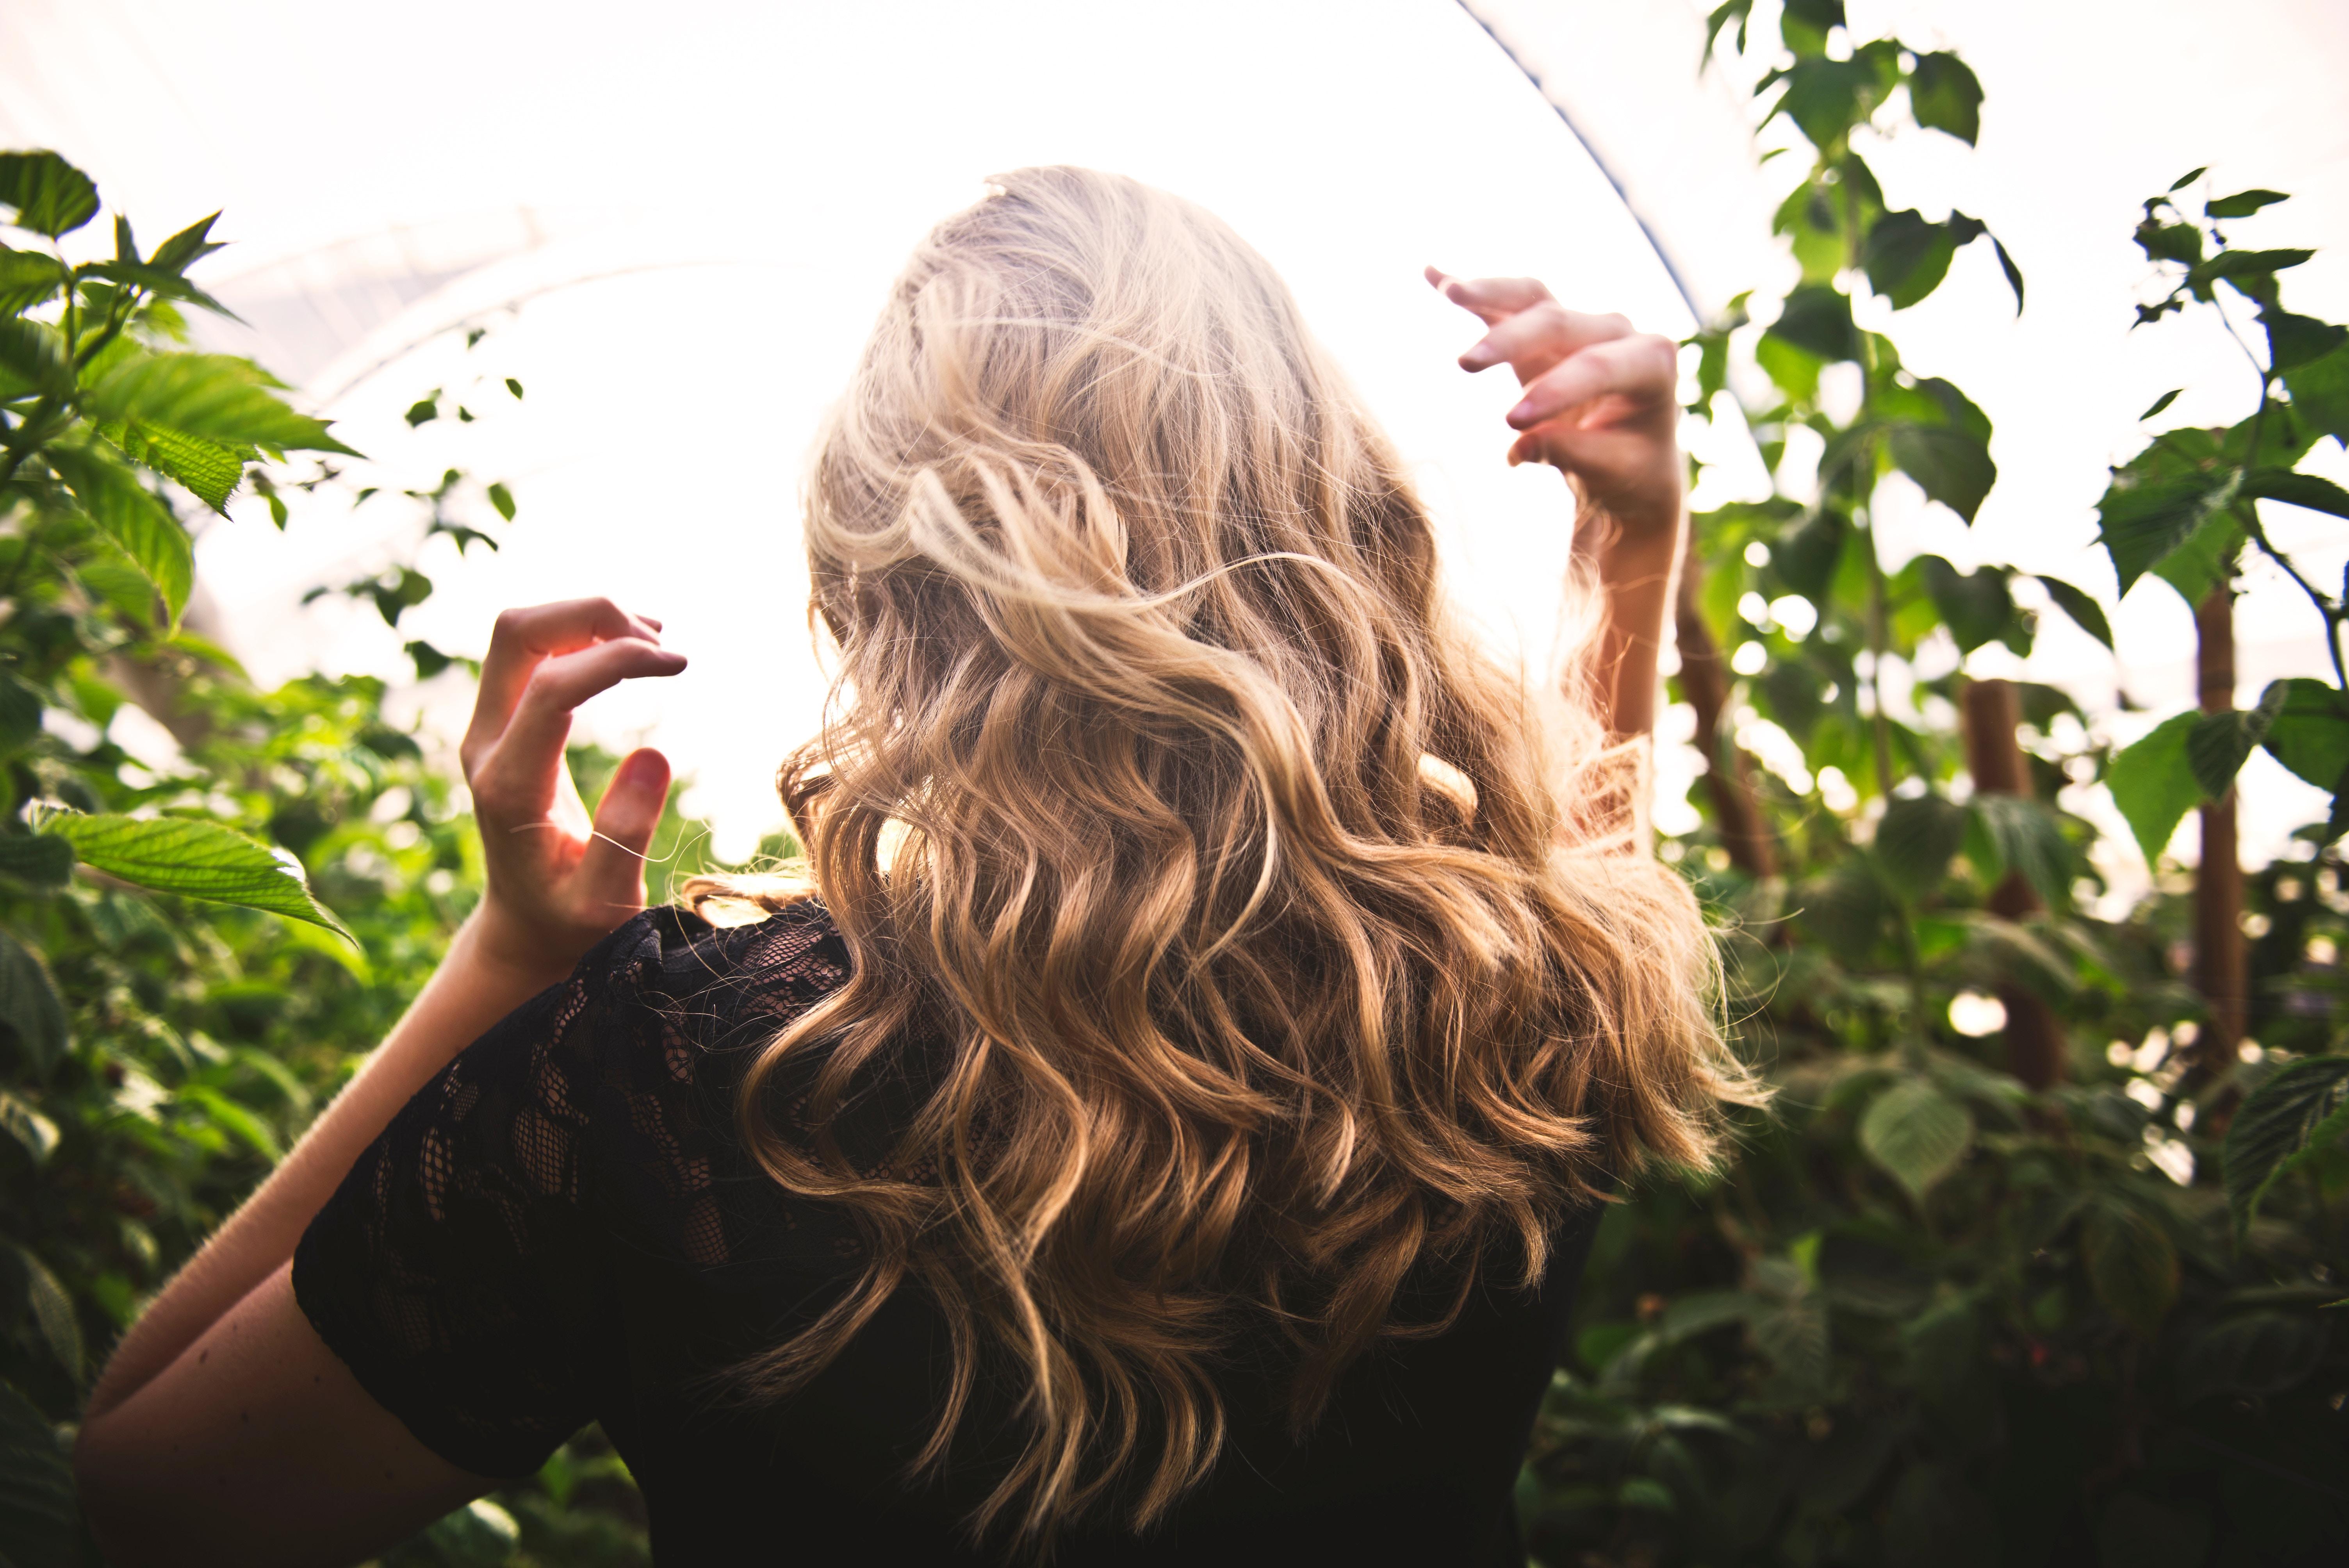 Pourquoi porter des rajouts de cheveux ? 2